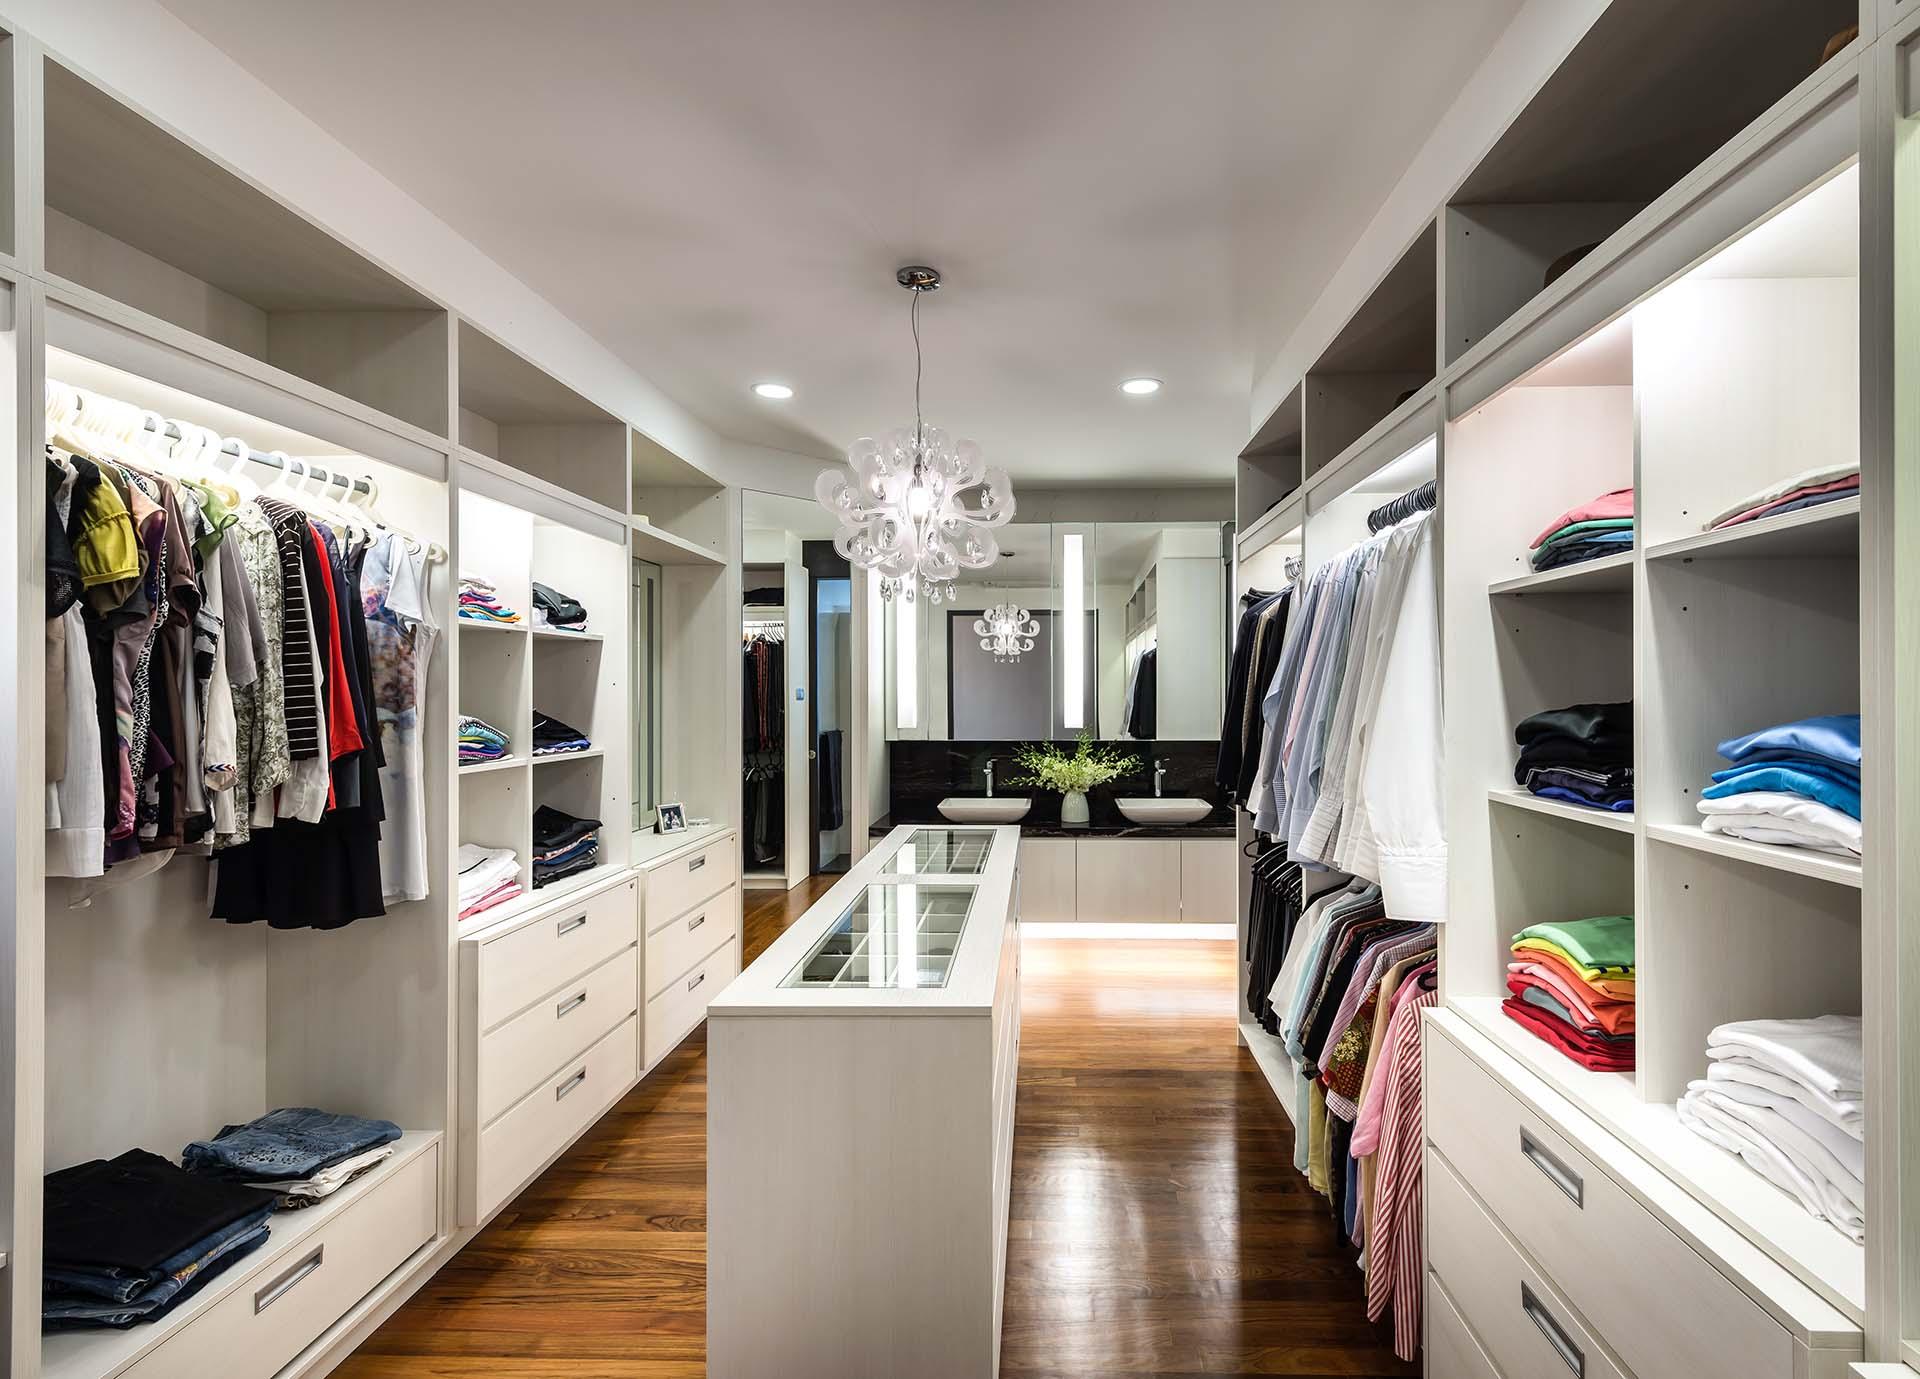 Wardrobe, Wardrobe Island, Bathroom Vanity, Mirror Cabinet